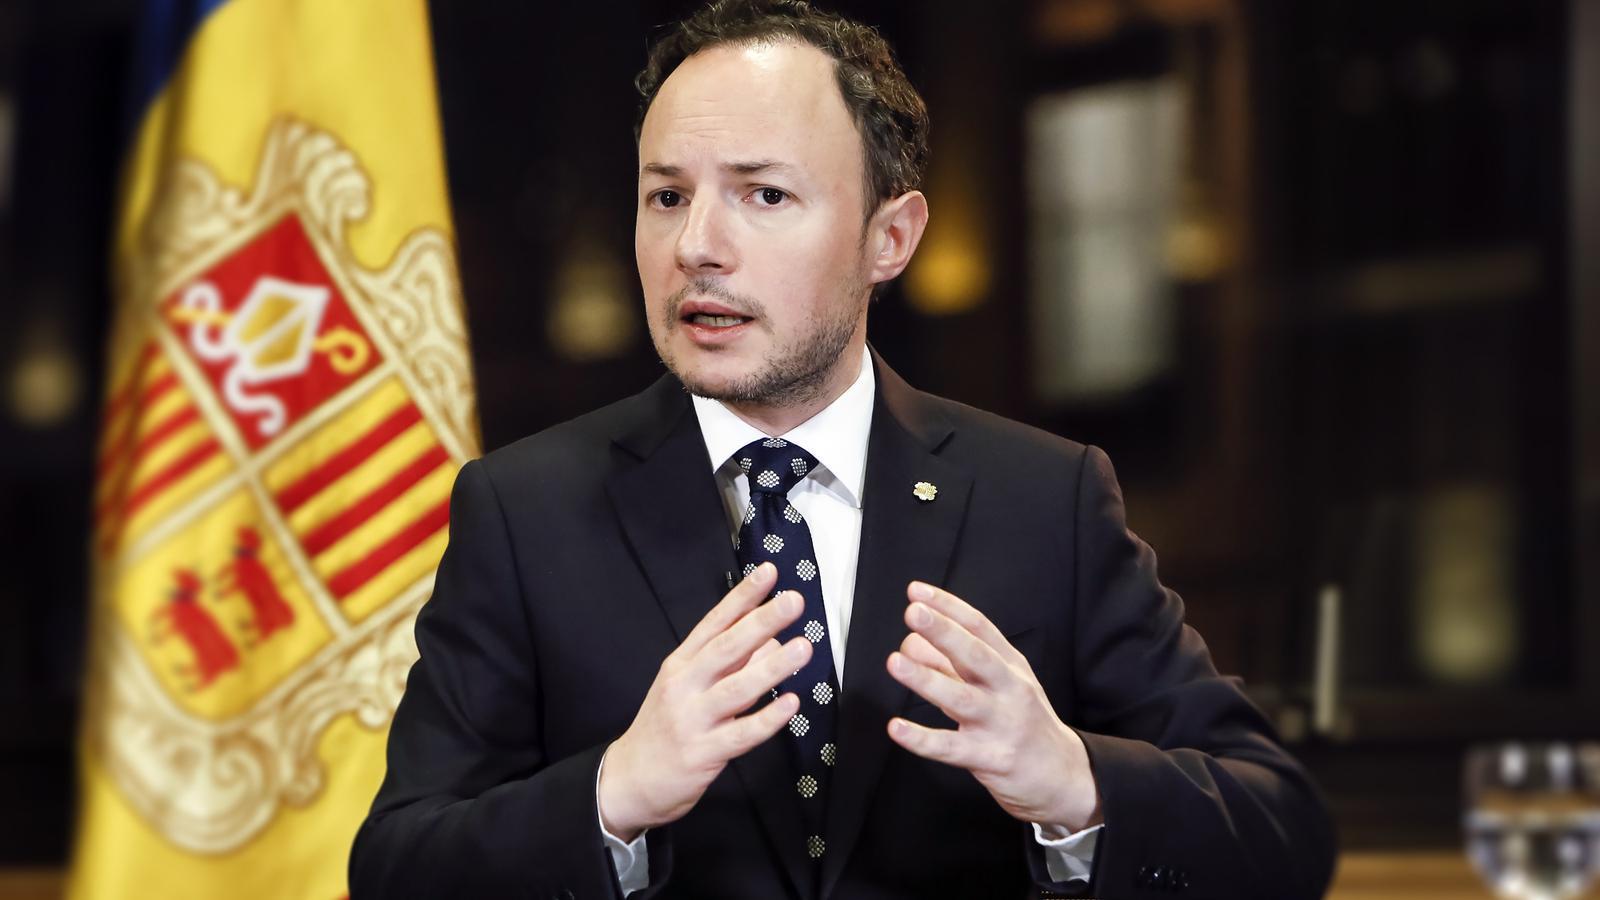 El cap de Govern, Xavier Espot. / SFG